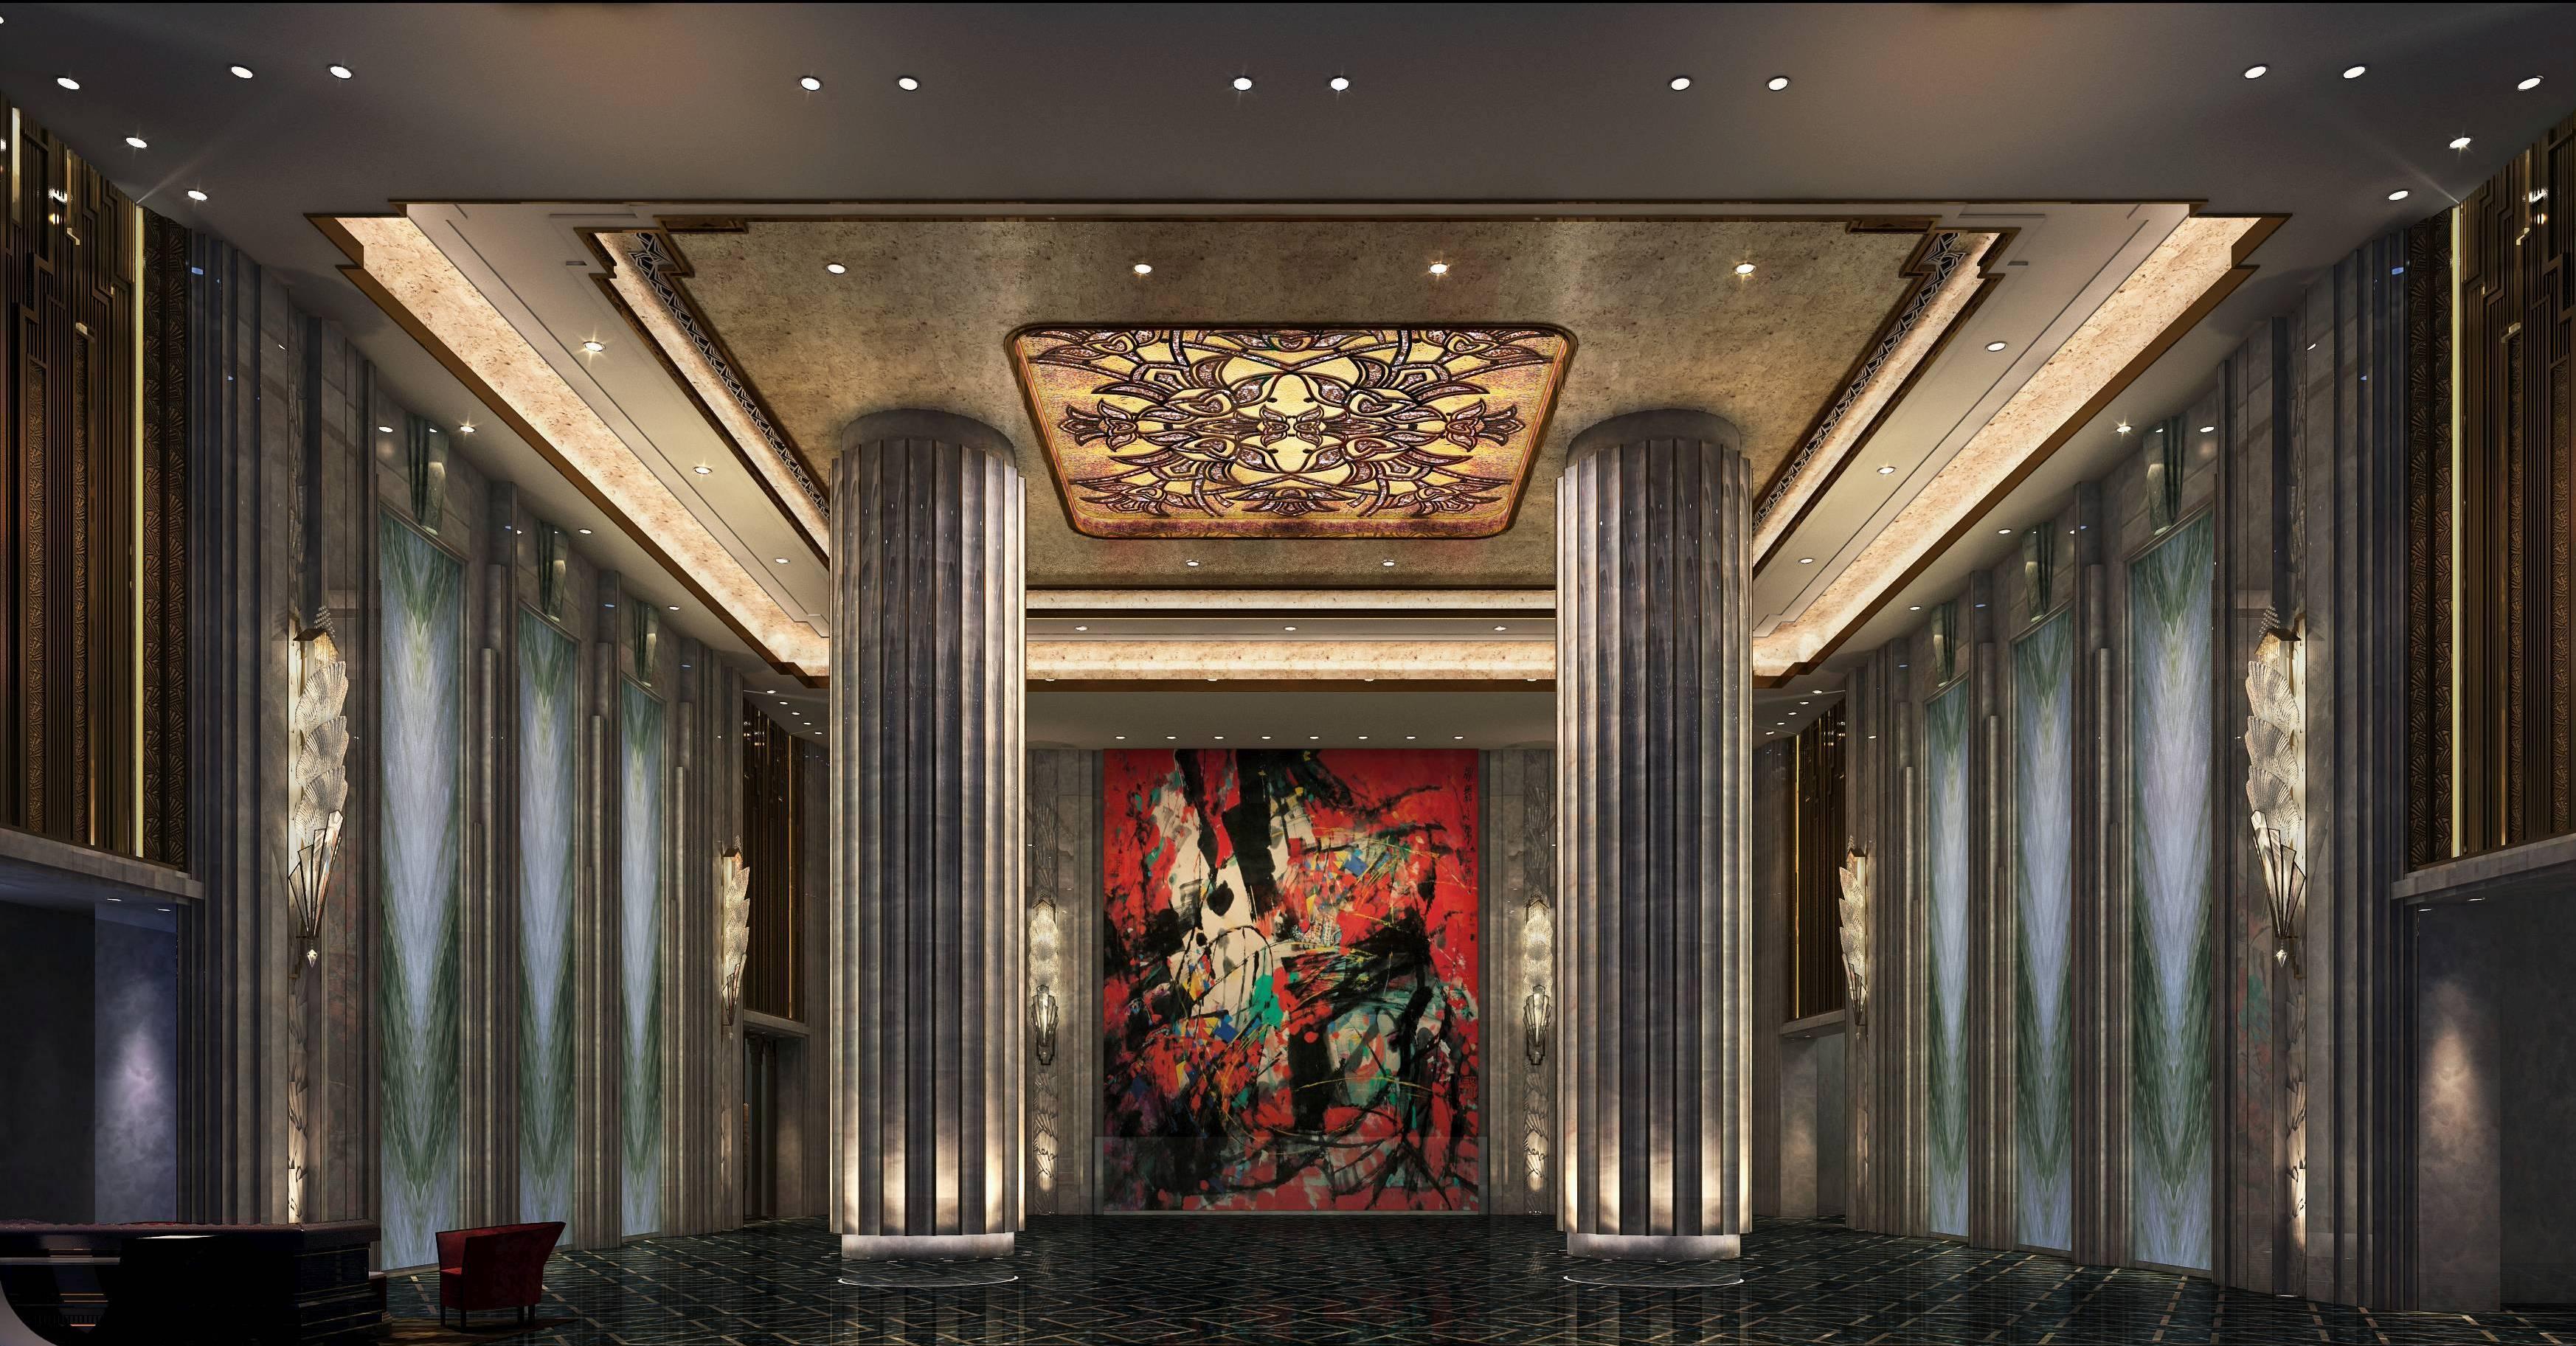 上海万达瑞华酒店荣登全球最佳新酒店榜单